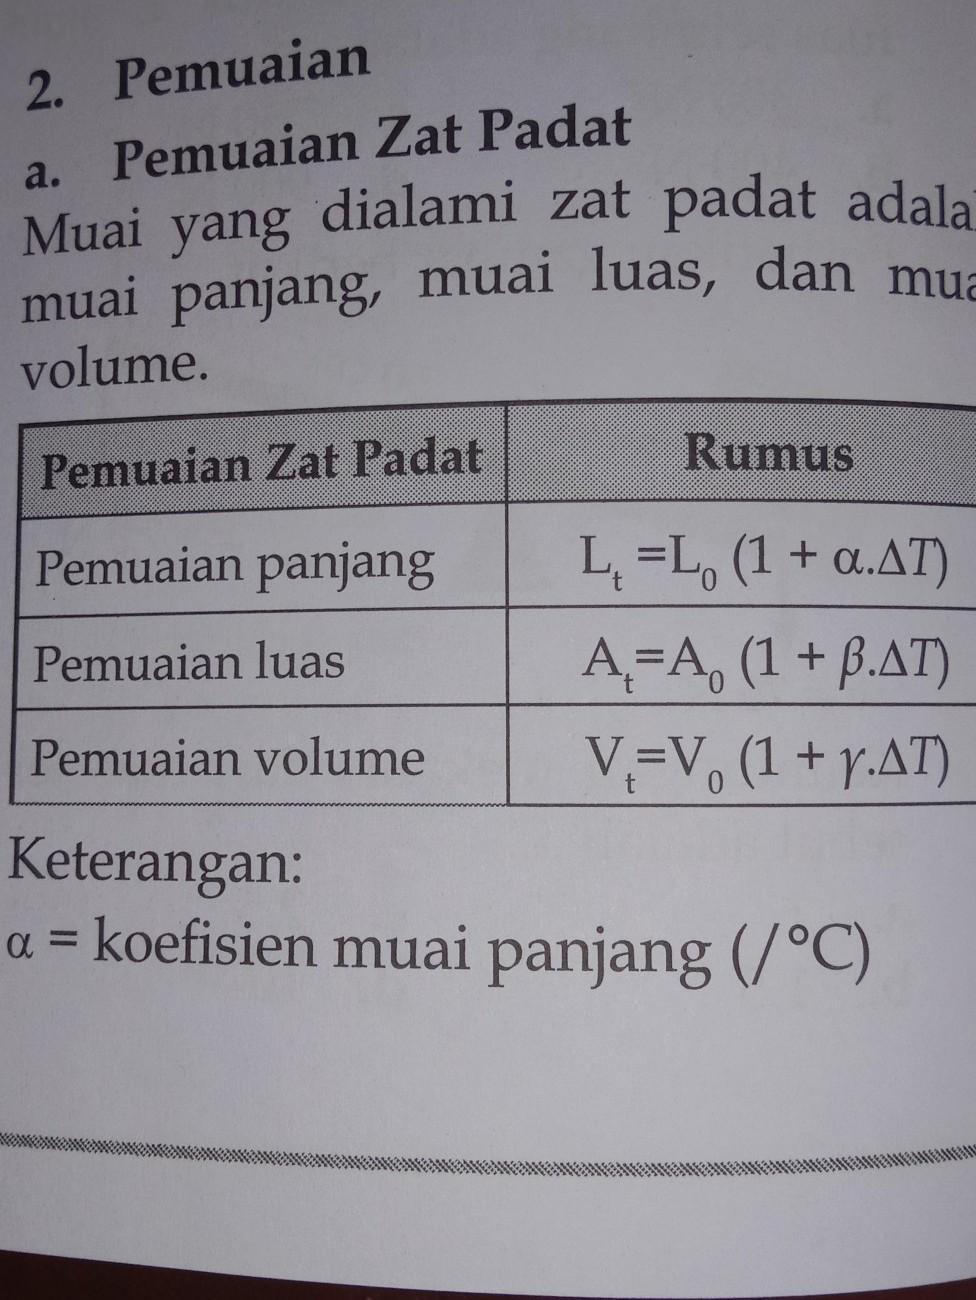 Rumus Pemuaian Zat Padat : rumus, pemuaian, padat, Jelaskan, Rumus, Pemuaian, Padat, A.panjang, B.luas, C.volume, Brainly.co.id